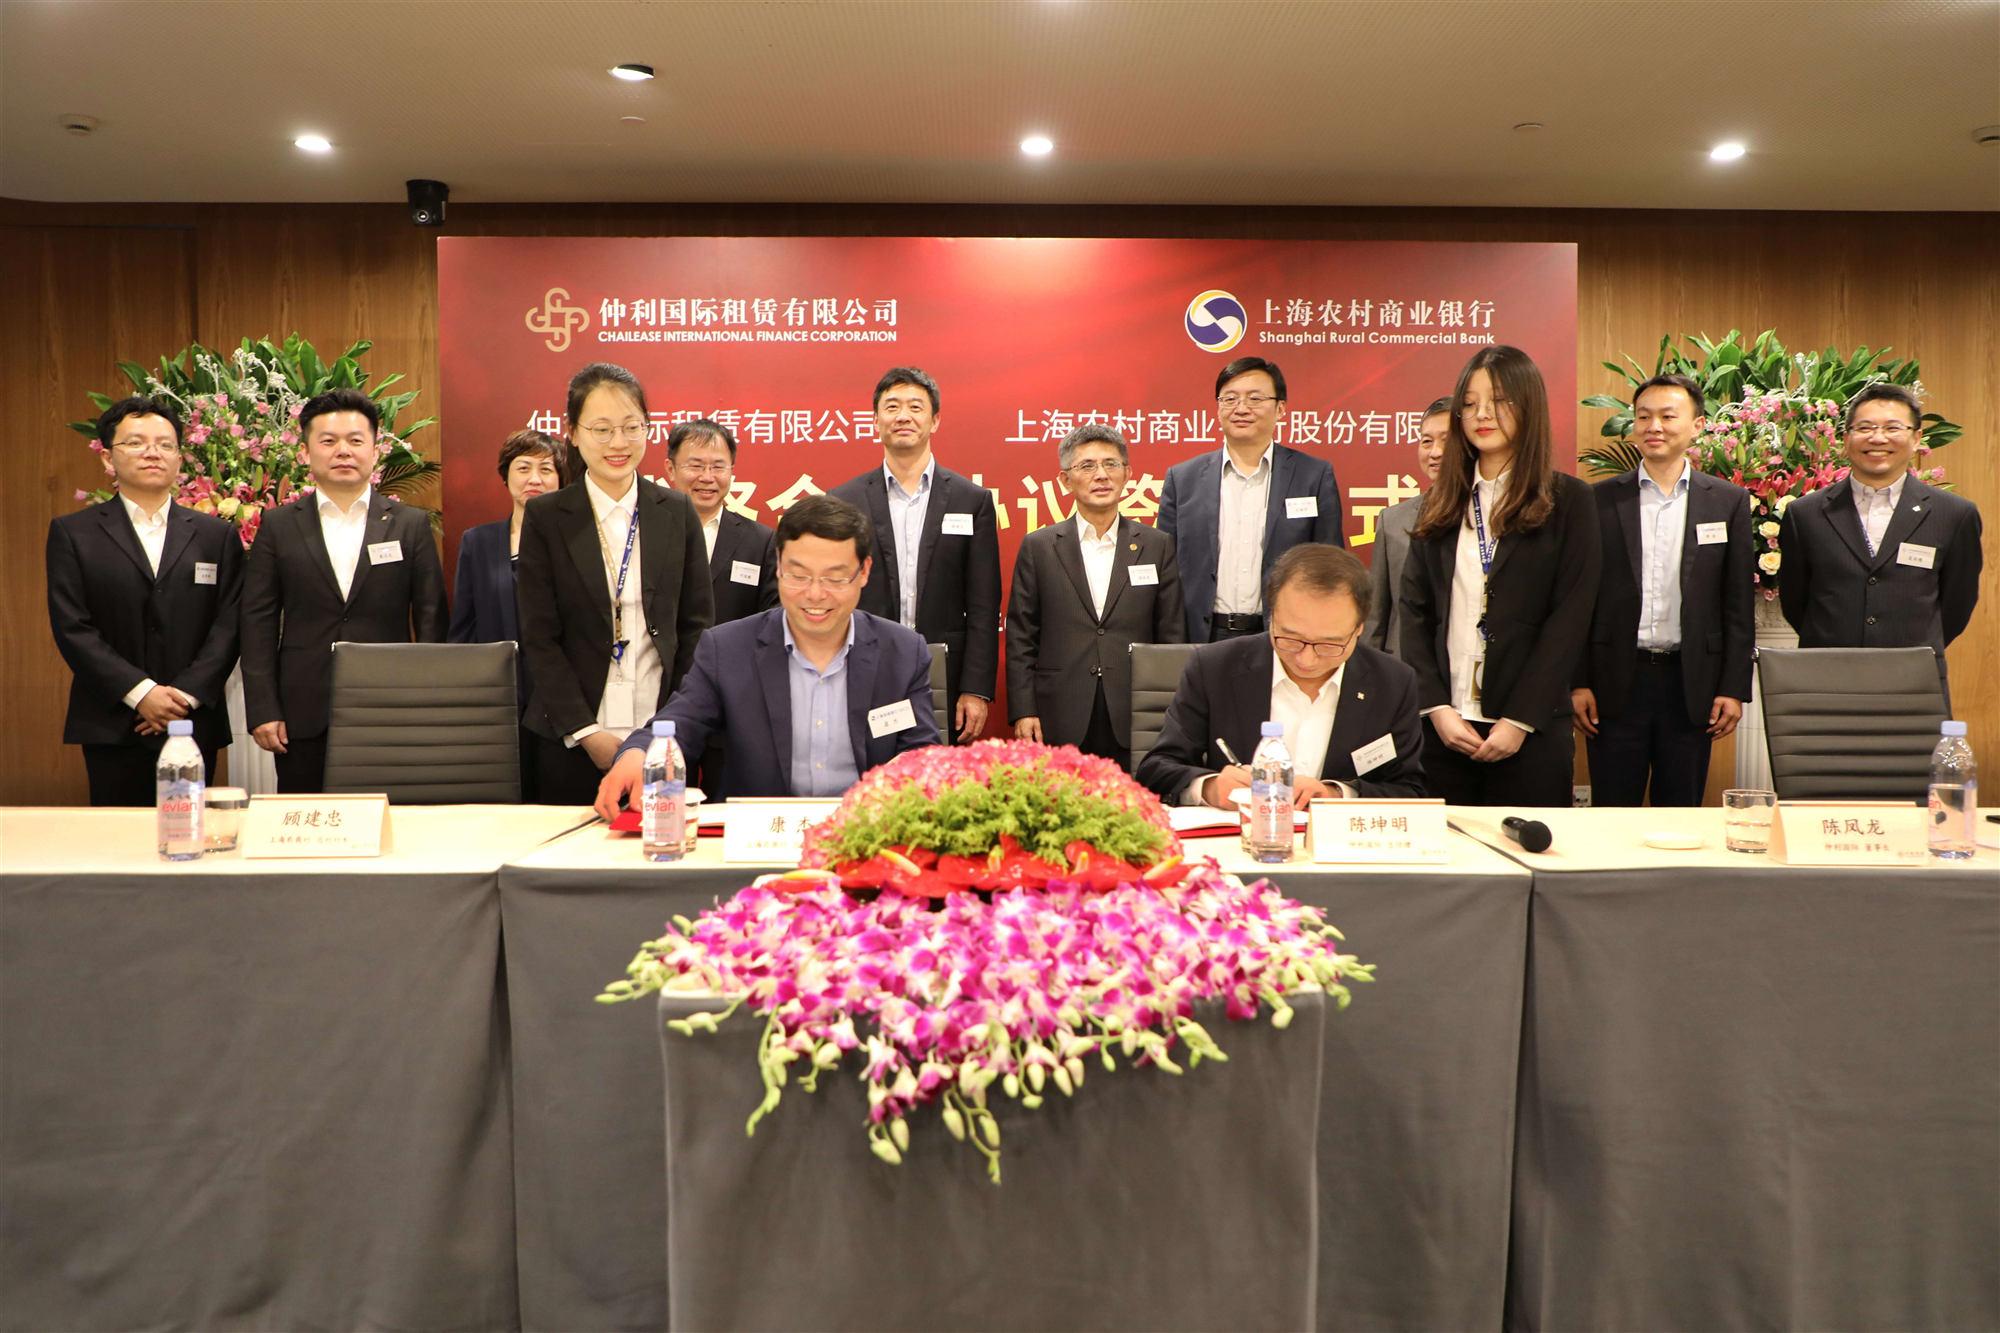 金沙城中心娱乐场国际租赁与高雄农商银行签订人民币50亿元战略协作协议案